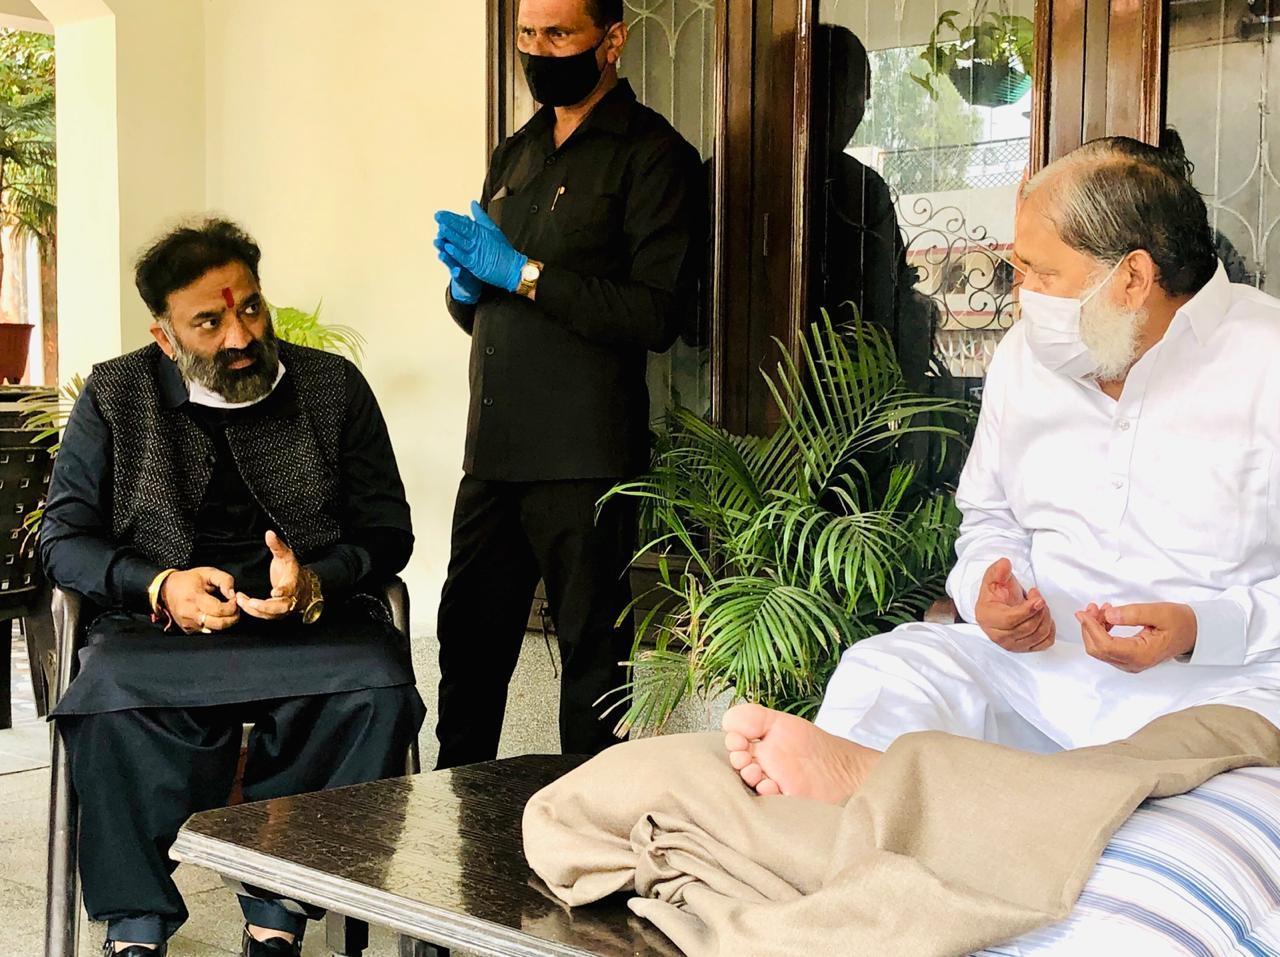 कोरोना वैक्सीन का ट्रायल राष्ट्रहित में अपने ऊपर करने पर मोदी सरकार अनिल विज को दे भारत रत्न : वीरेश शांडिल्य